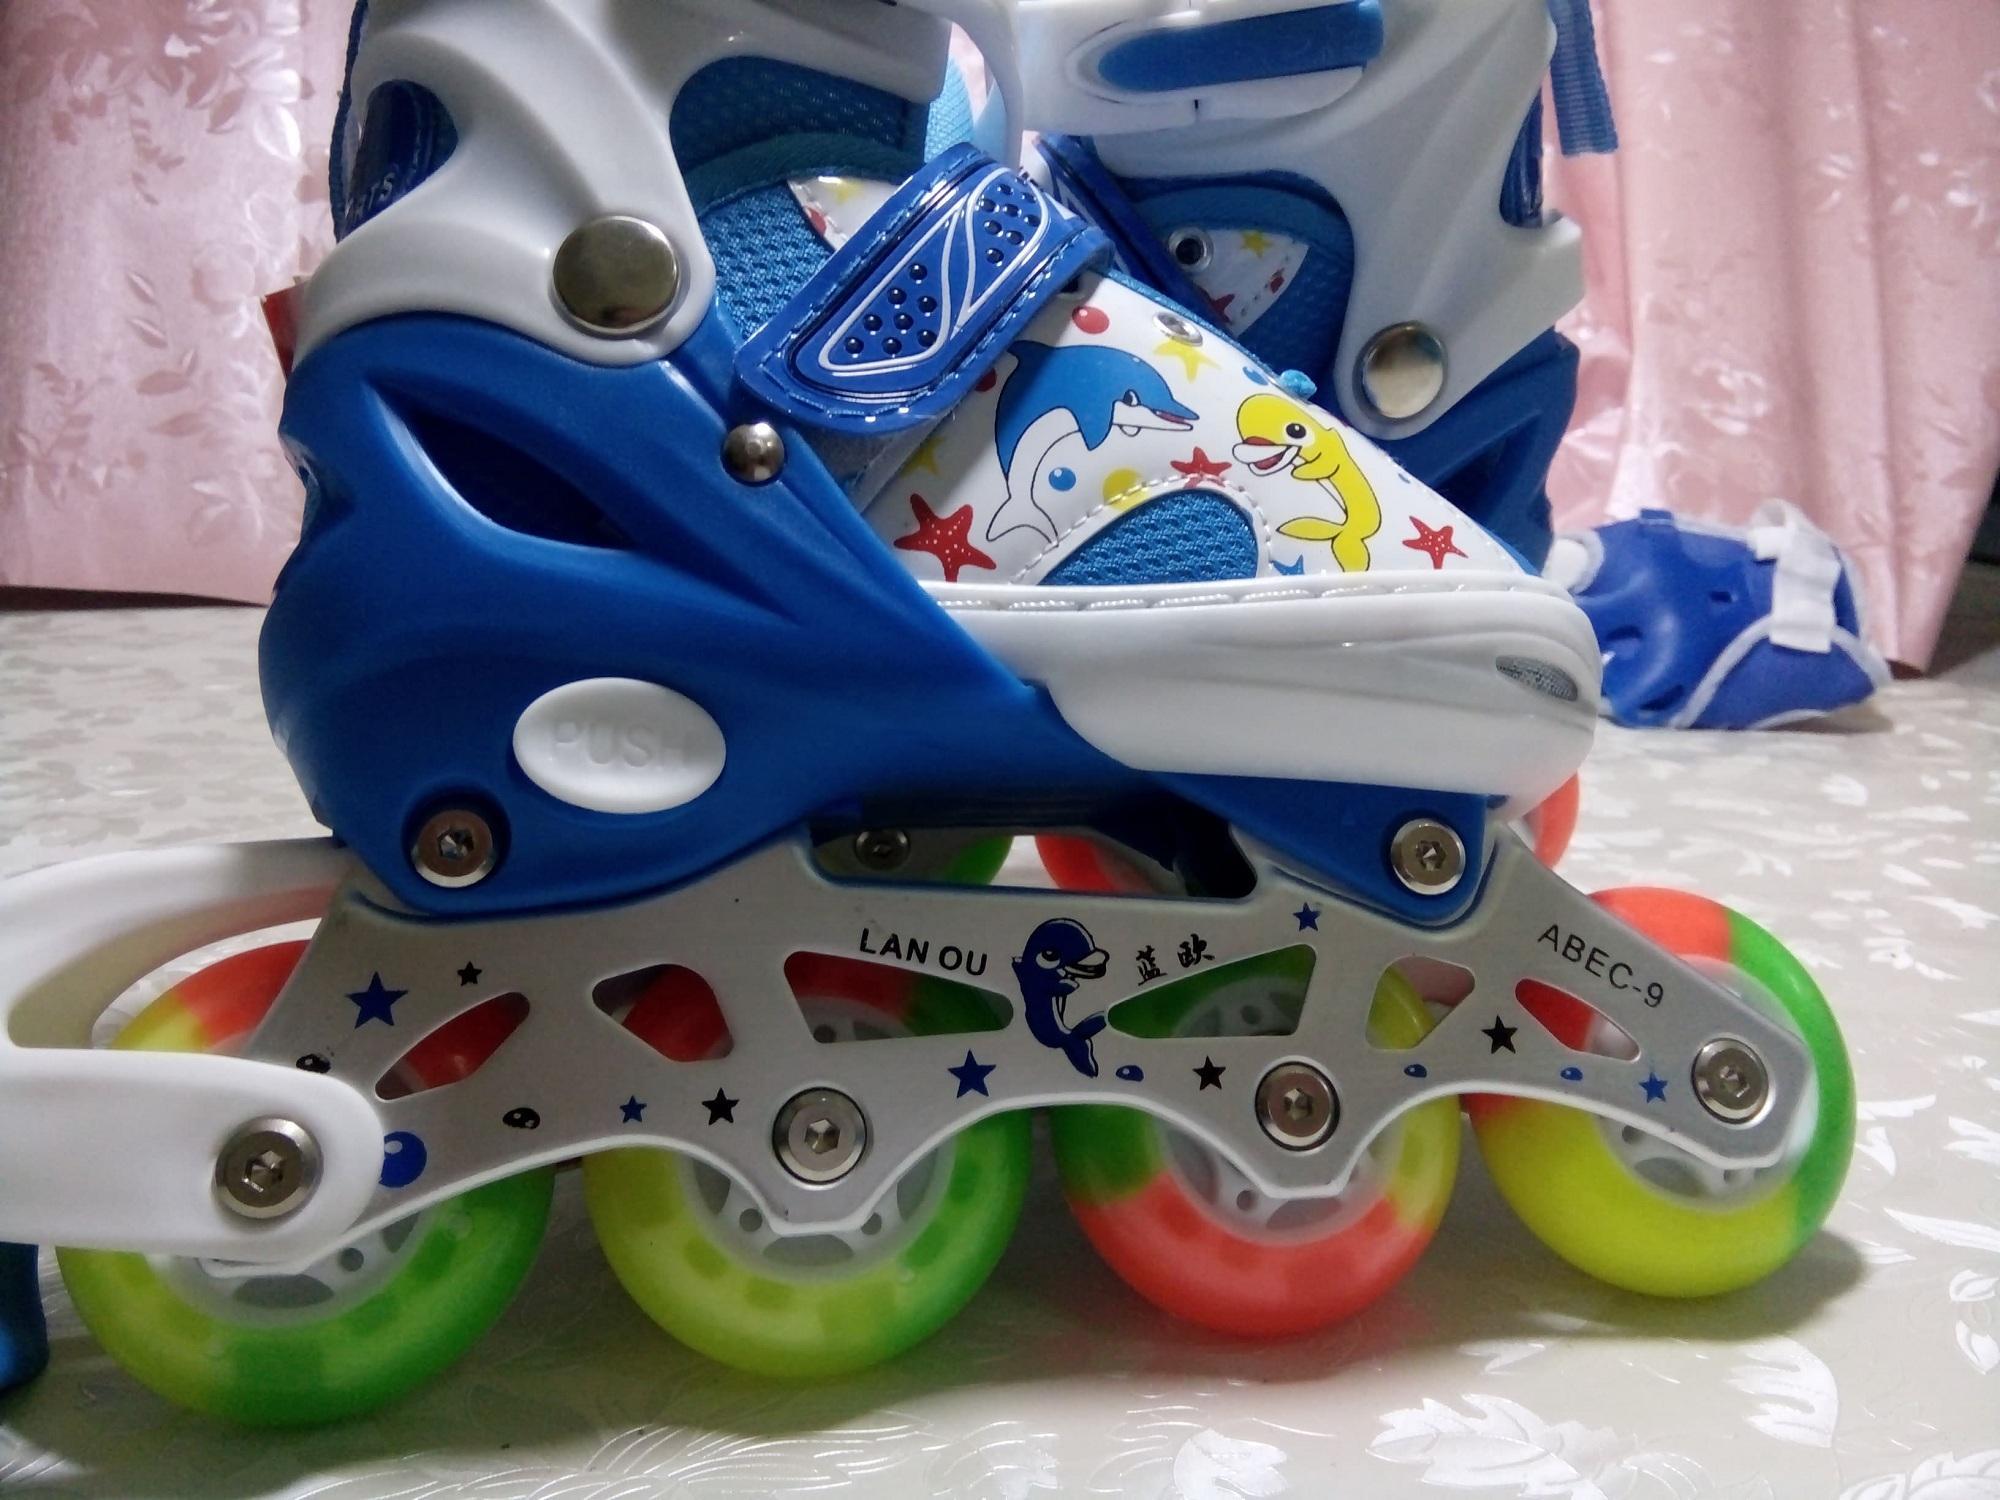 giày trượt patin cho trẻ 4-6 tuổi tặng nốn và bộ bảo hộ chân tay